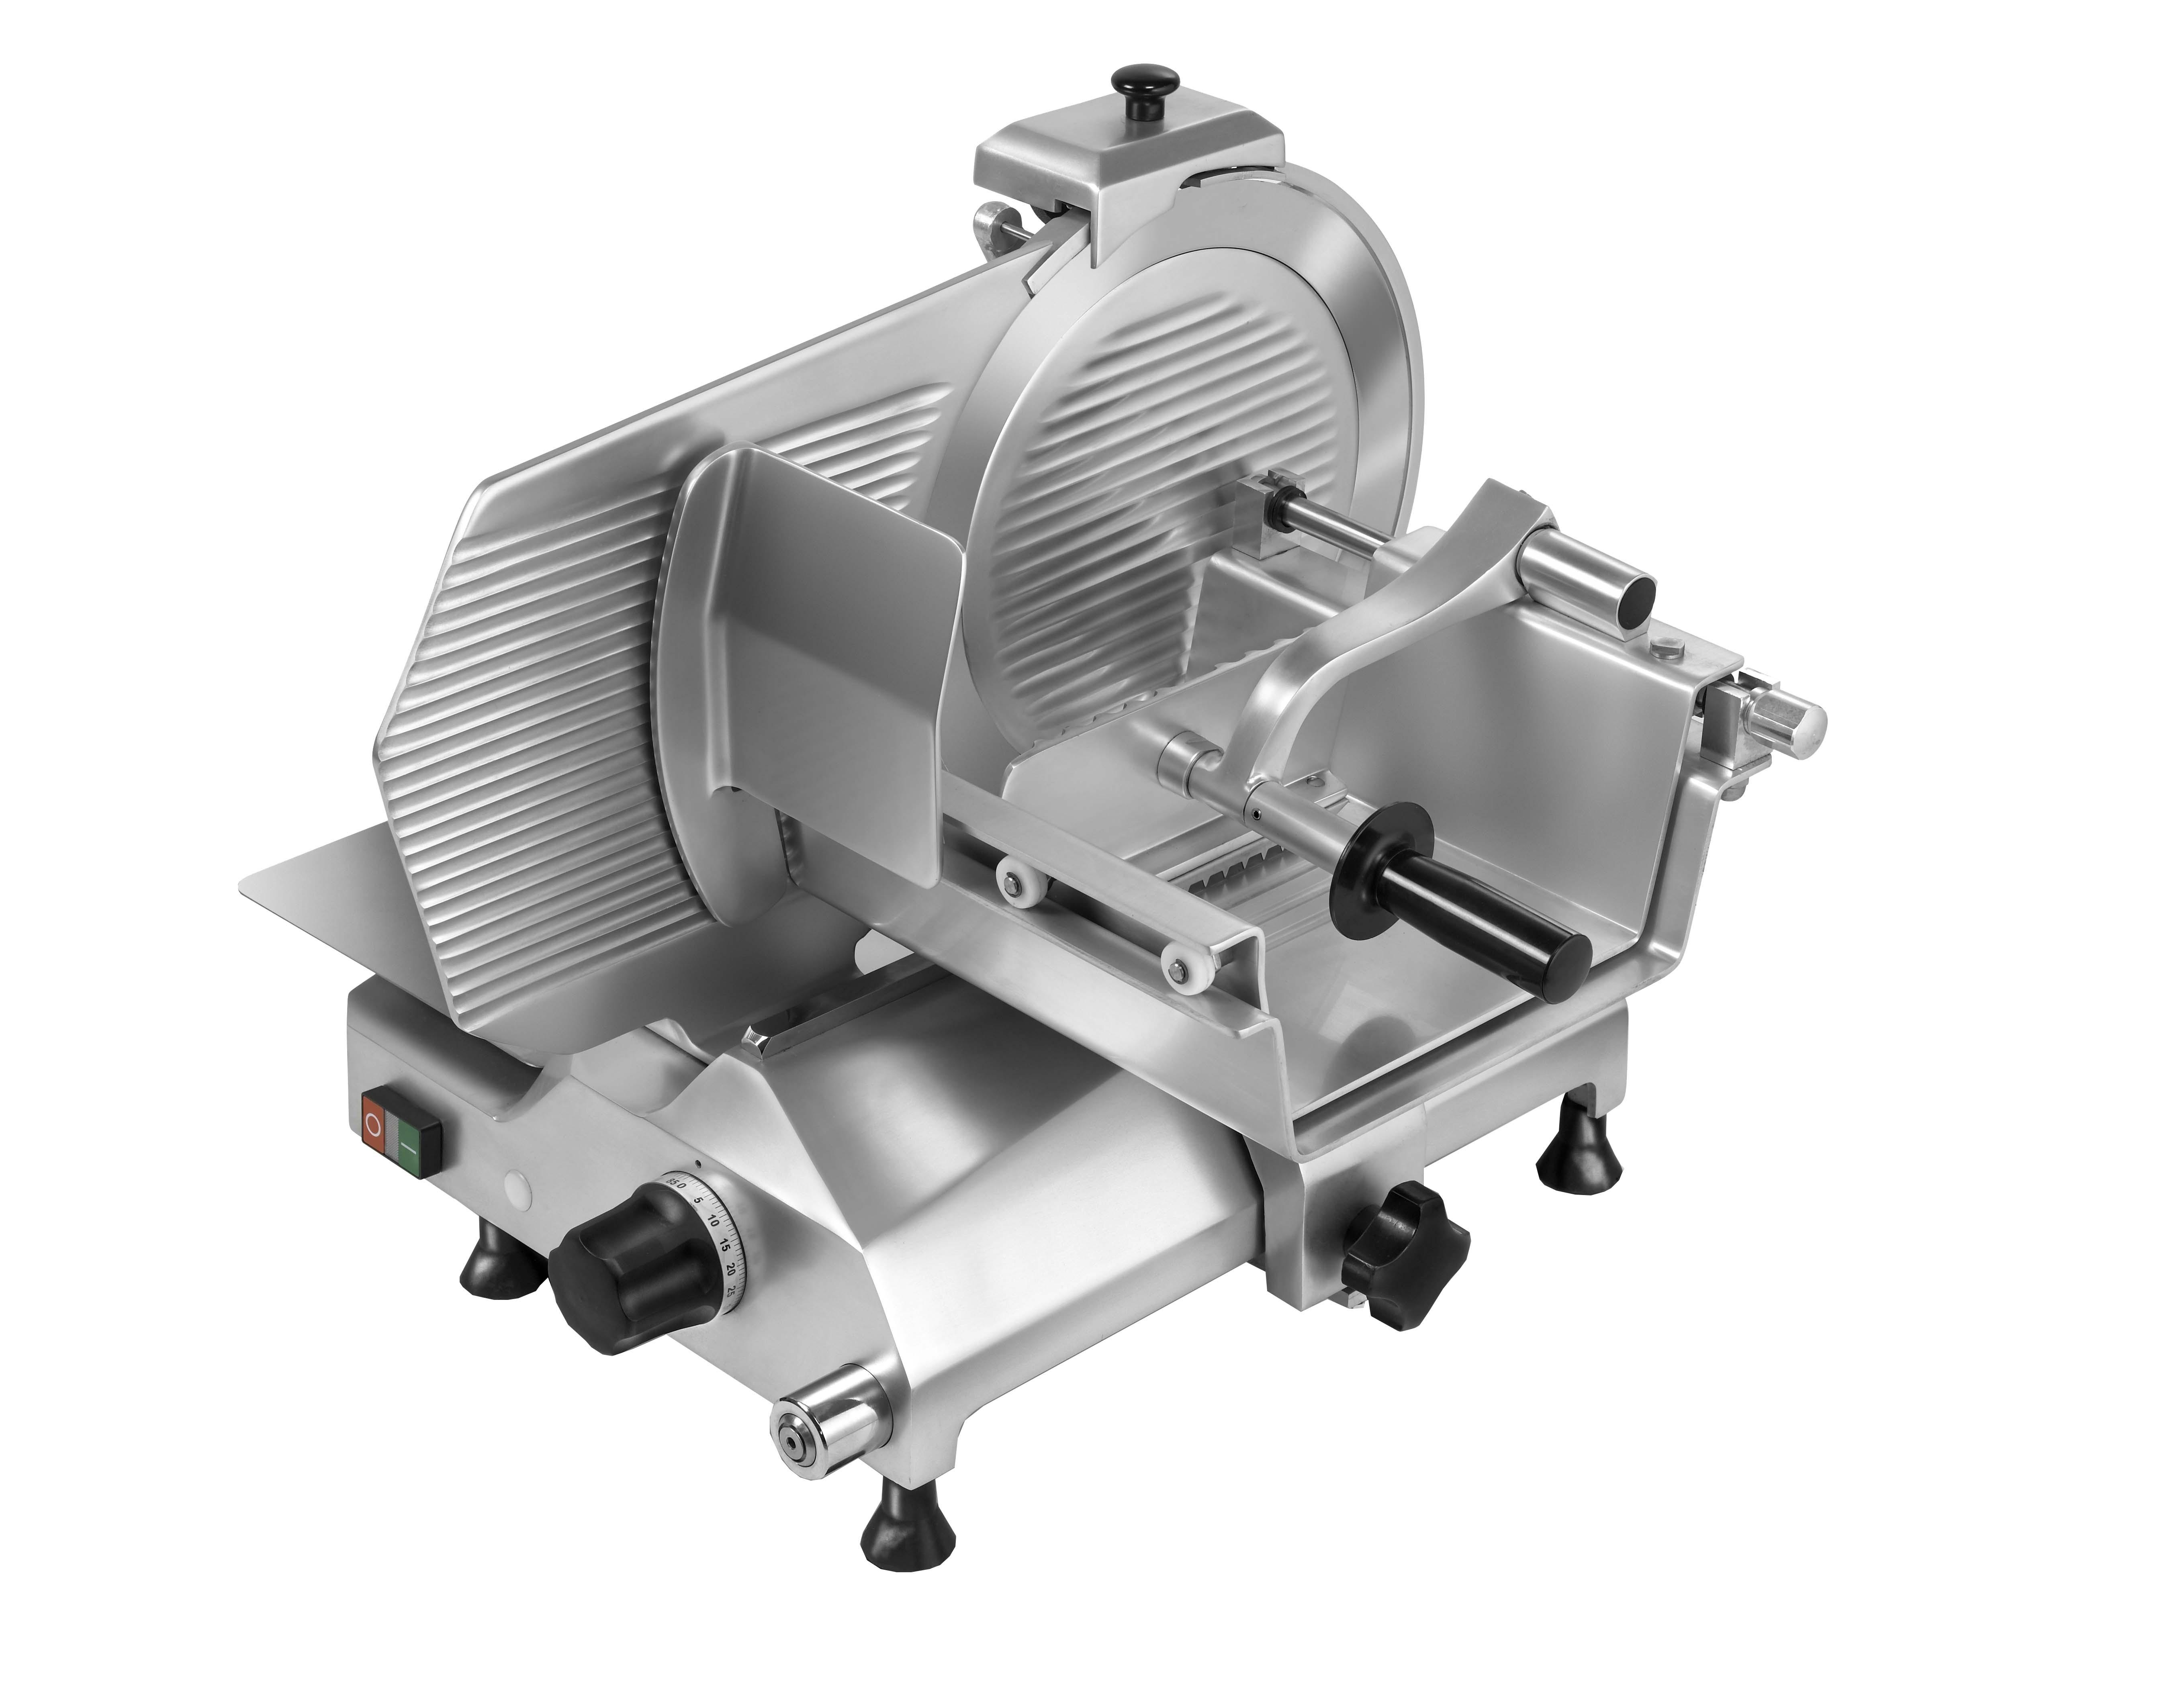 slb0350--slicer-rheninghaus-beta--350mm